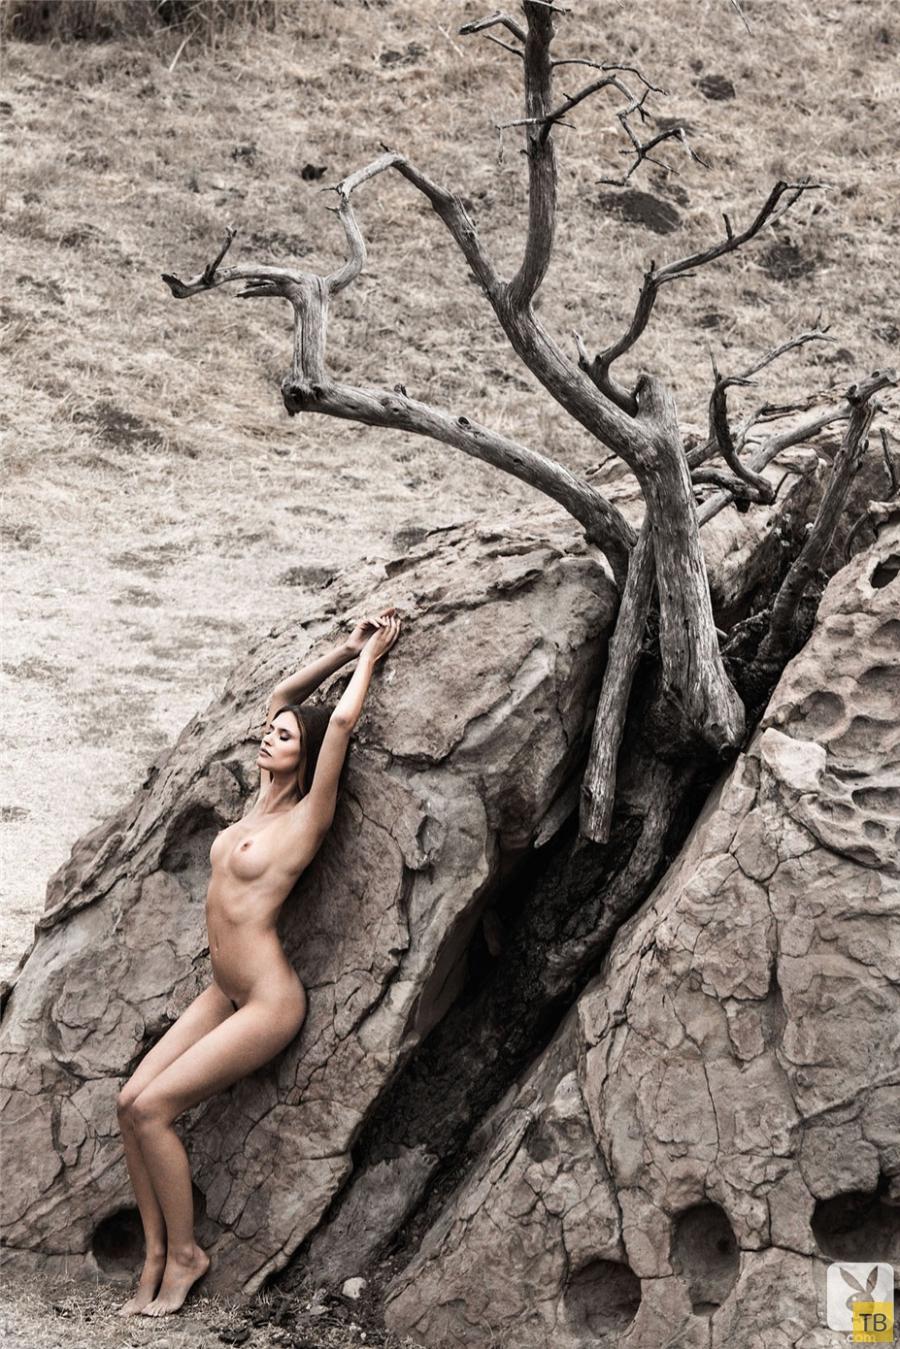 (18+) «Привет, красотка!»– Бьянка Балти в журнале Playboy, июль-август 2014 (10 фото + видео)